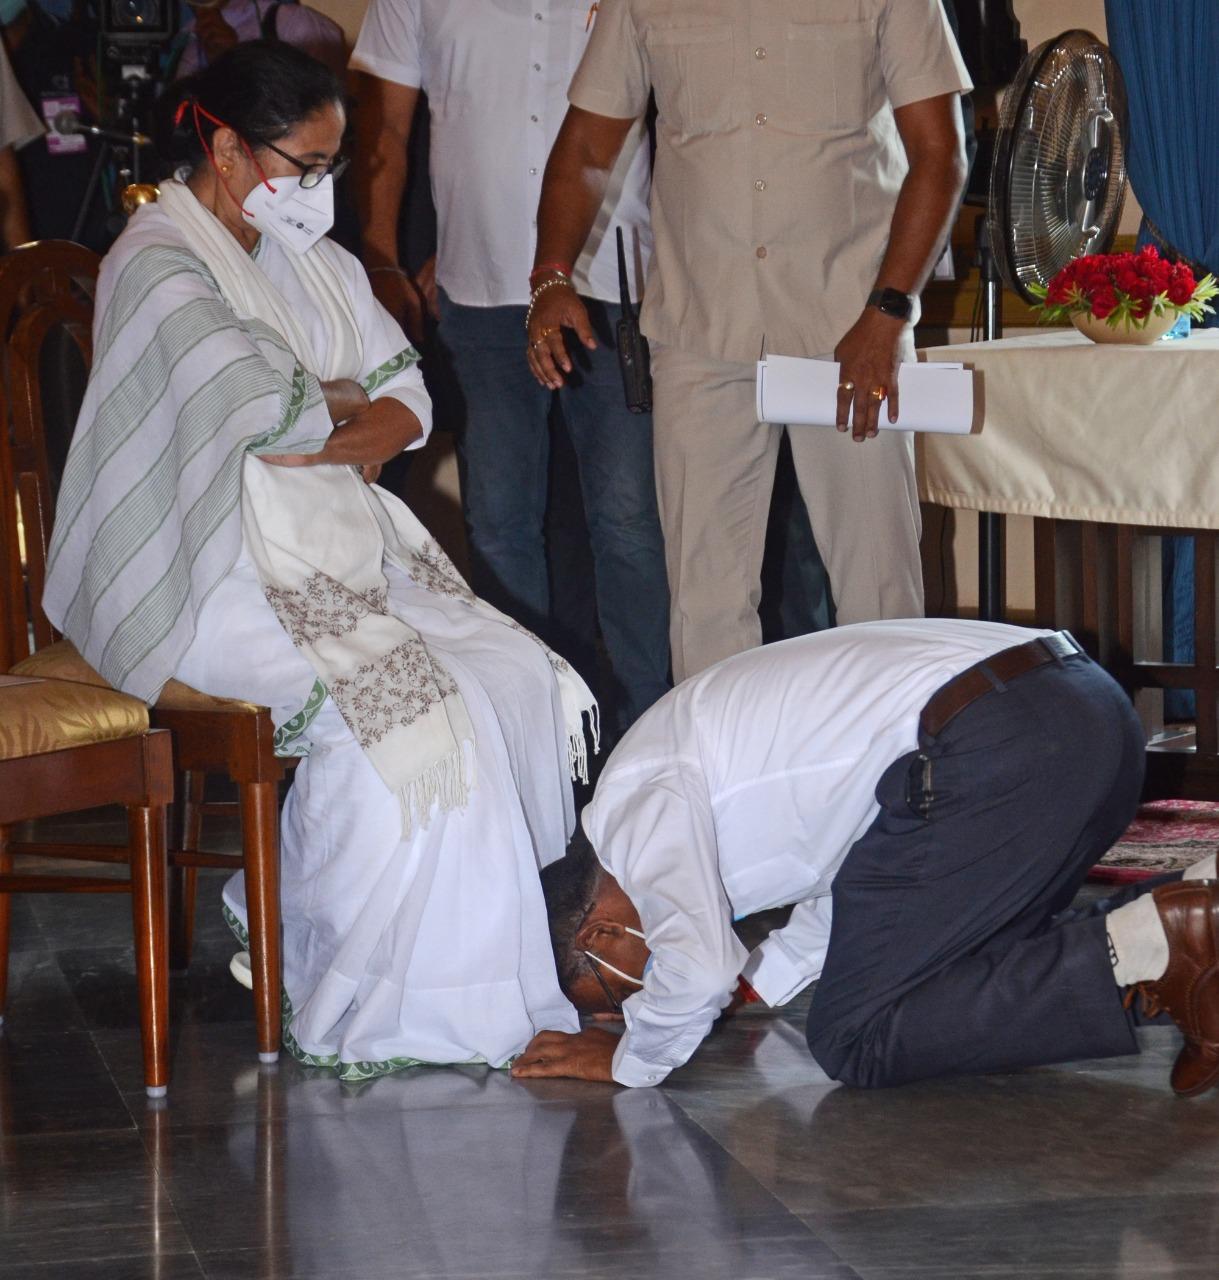 মন্ত্রী সভার শপথ ও বিরোধী নেতা নির্বাচন: আলোকচিত্রে রাজনৈতিক দলিল